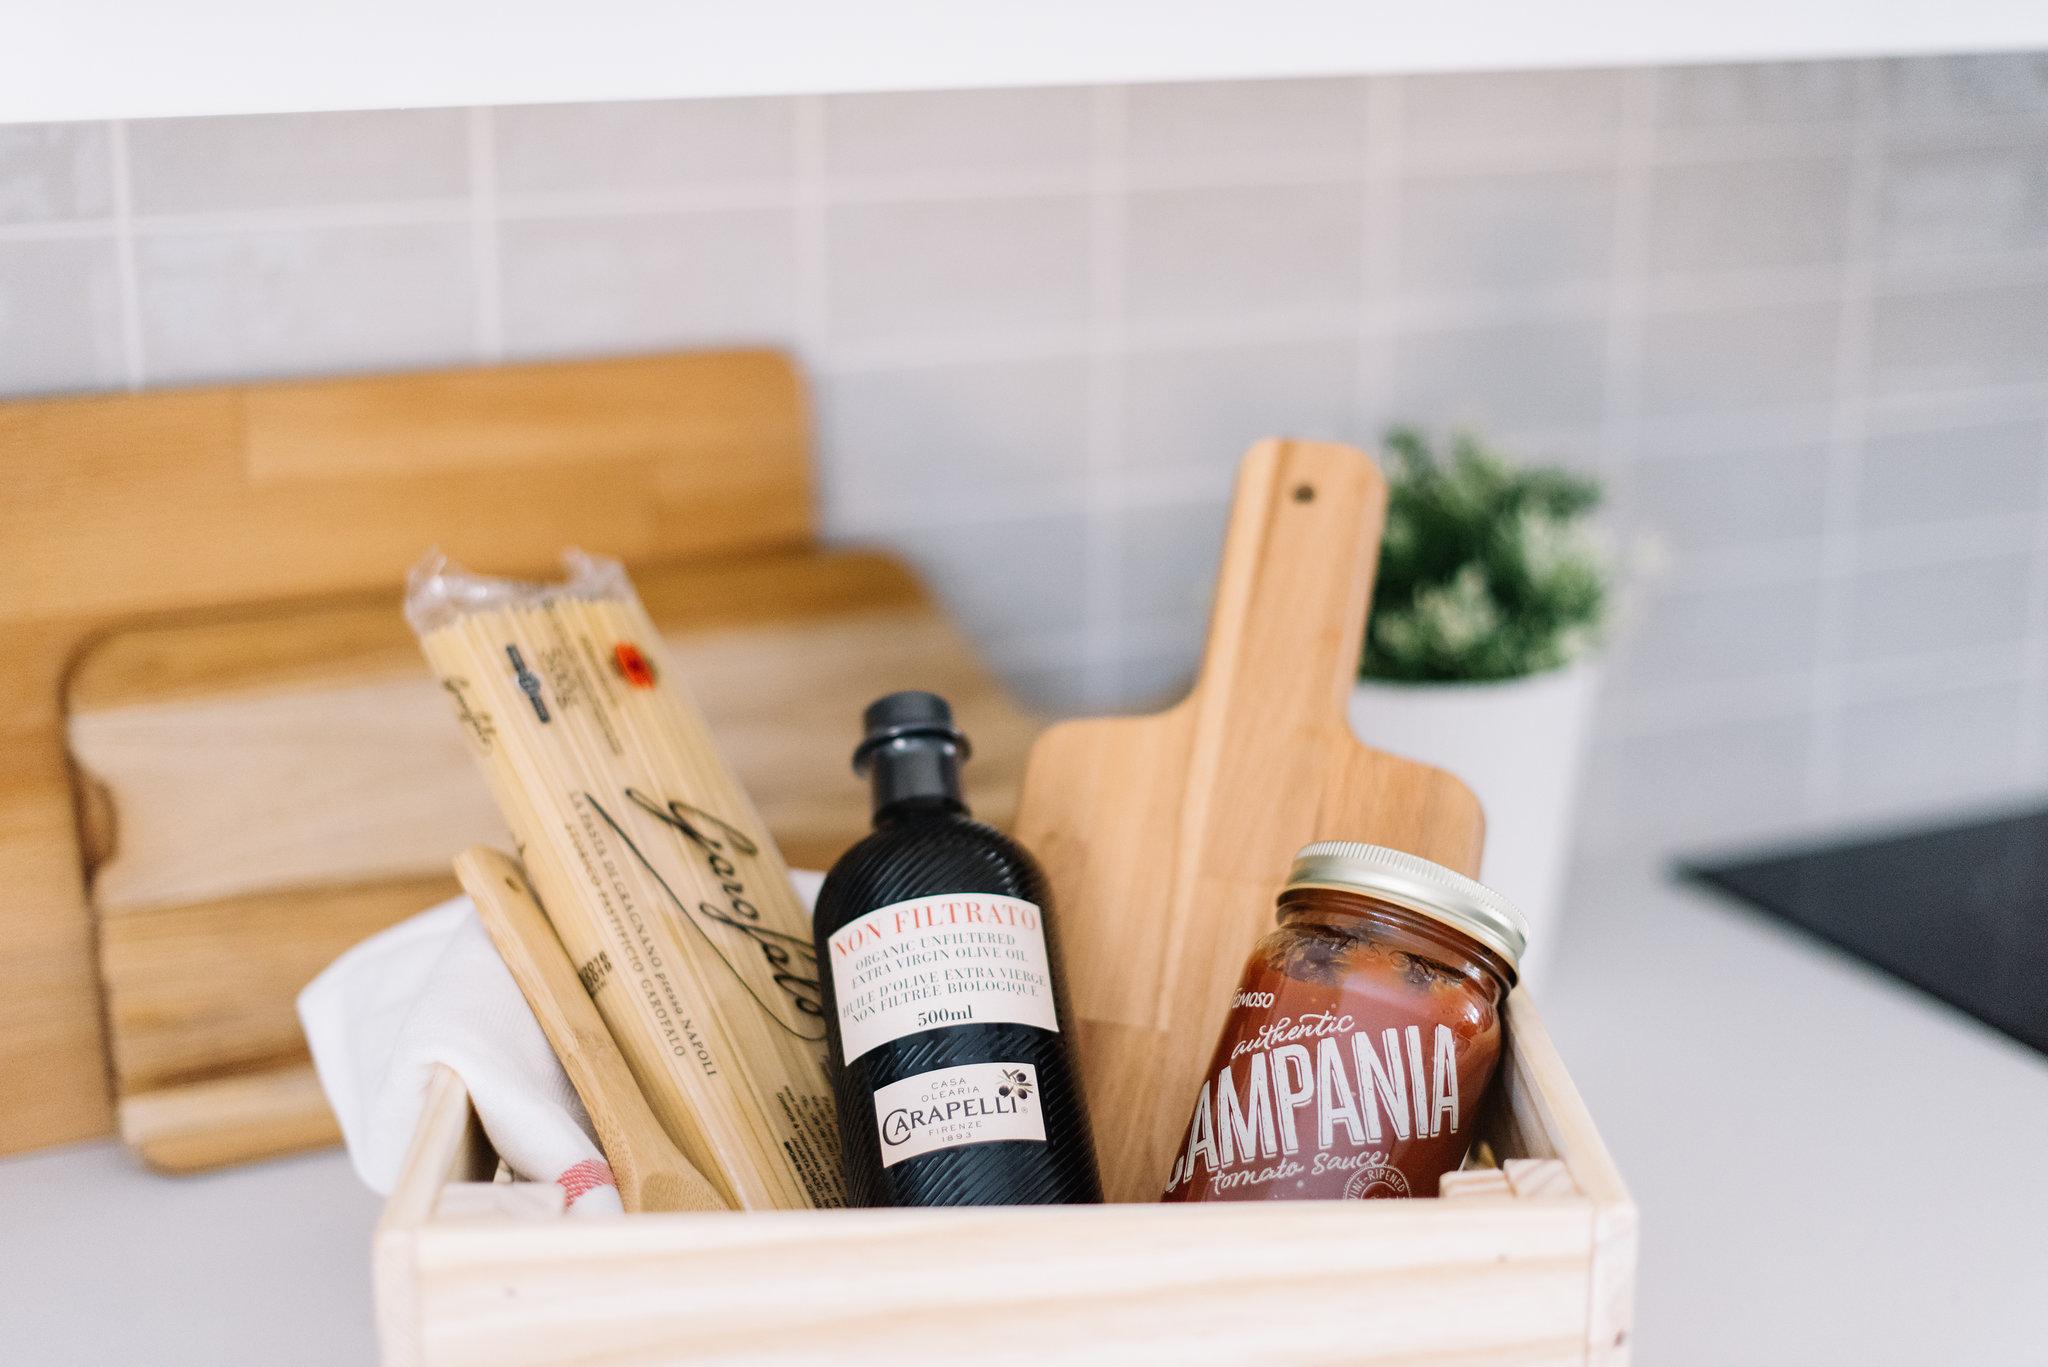 foodie gift idea, hostess gift idea